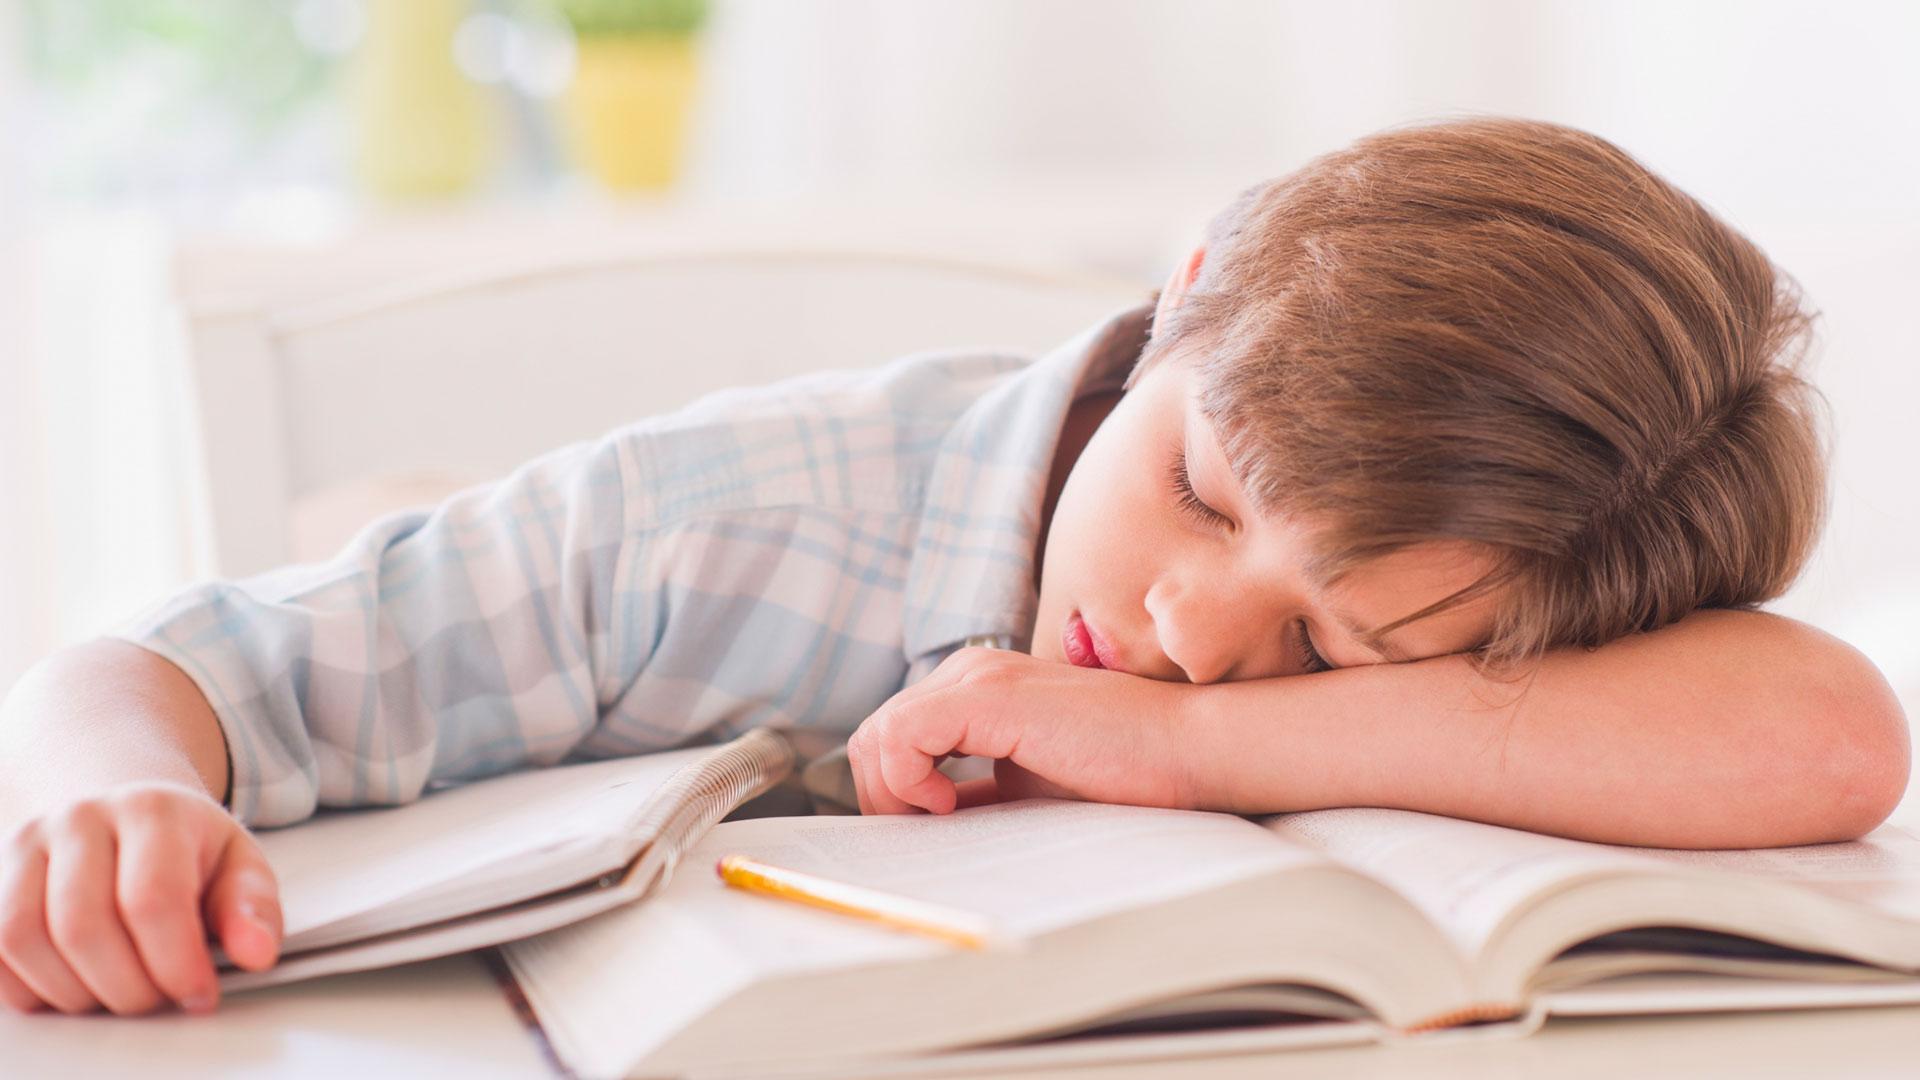 الواجبات المدرسية-كيف تتجنبين ارهاق طفلك-اجيبي عن هذه الأسئلة وتعرفي على الأسباب والحلول